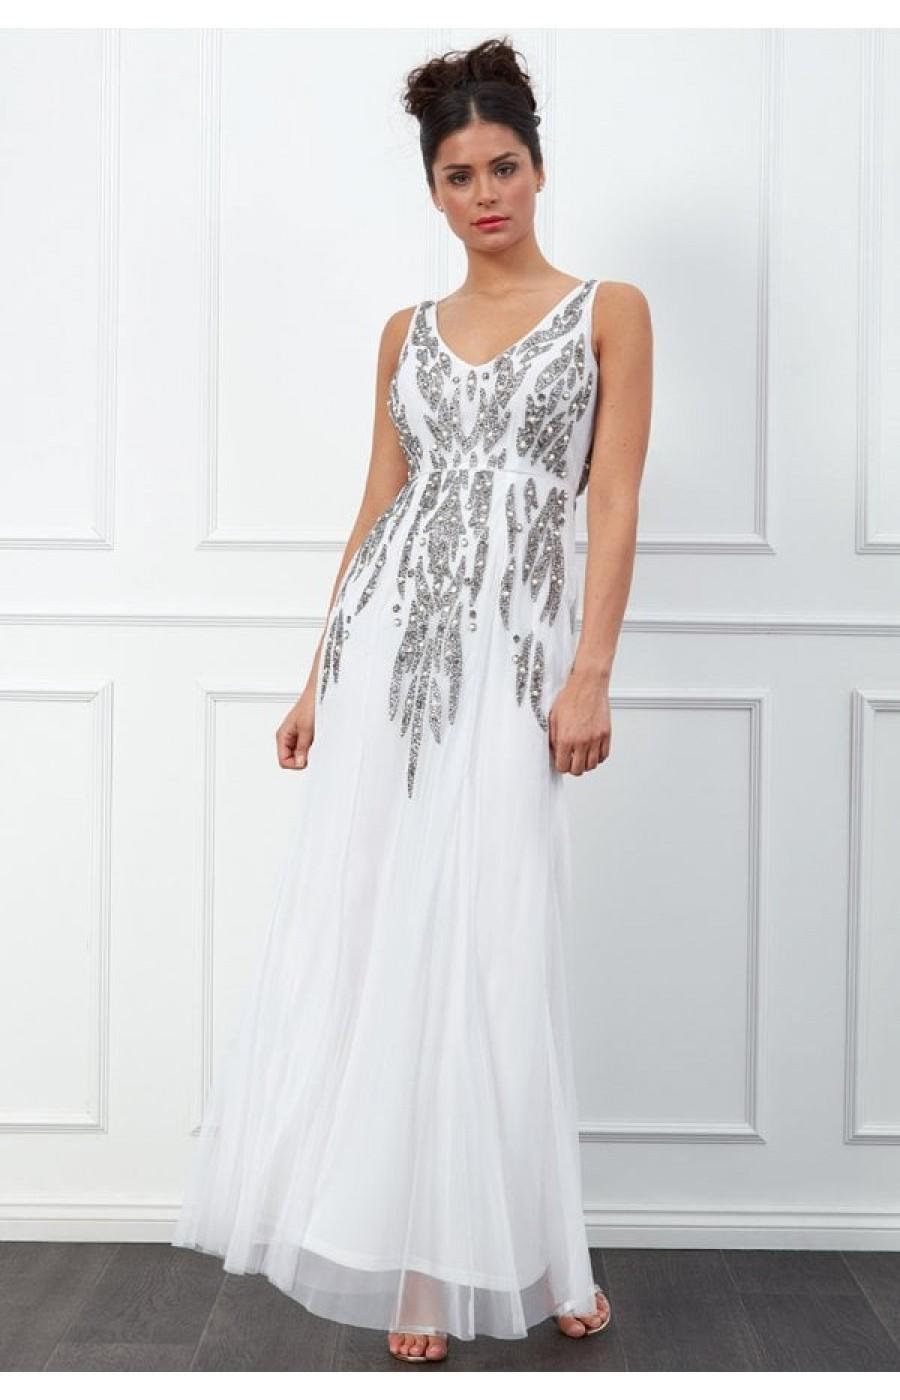 Νυφικο φορεμα με περλες και ιδιαιτερο κεντημα